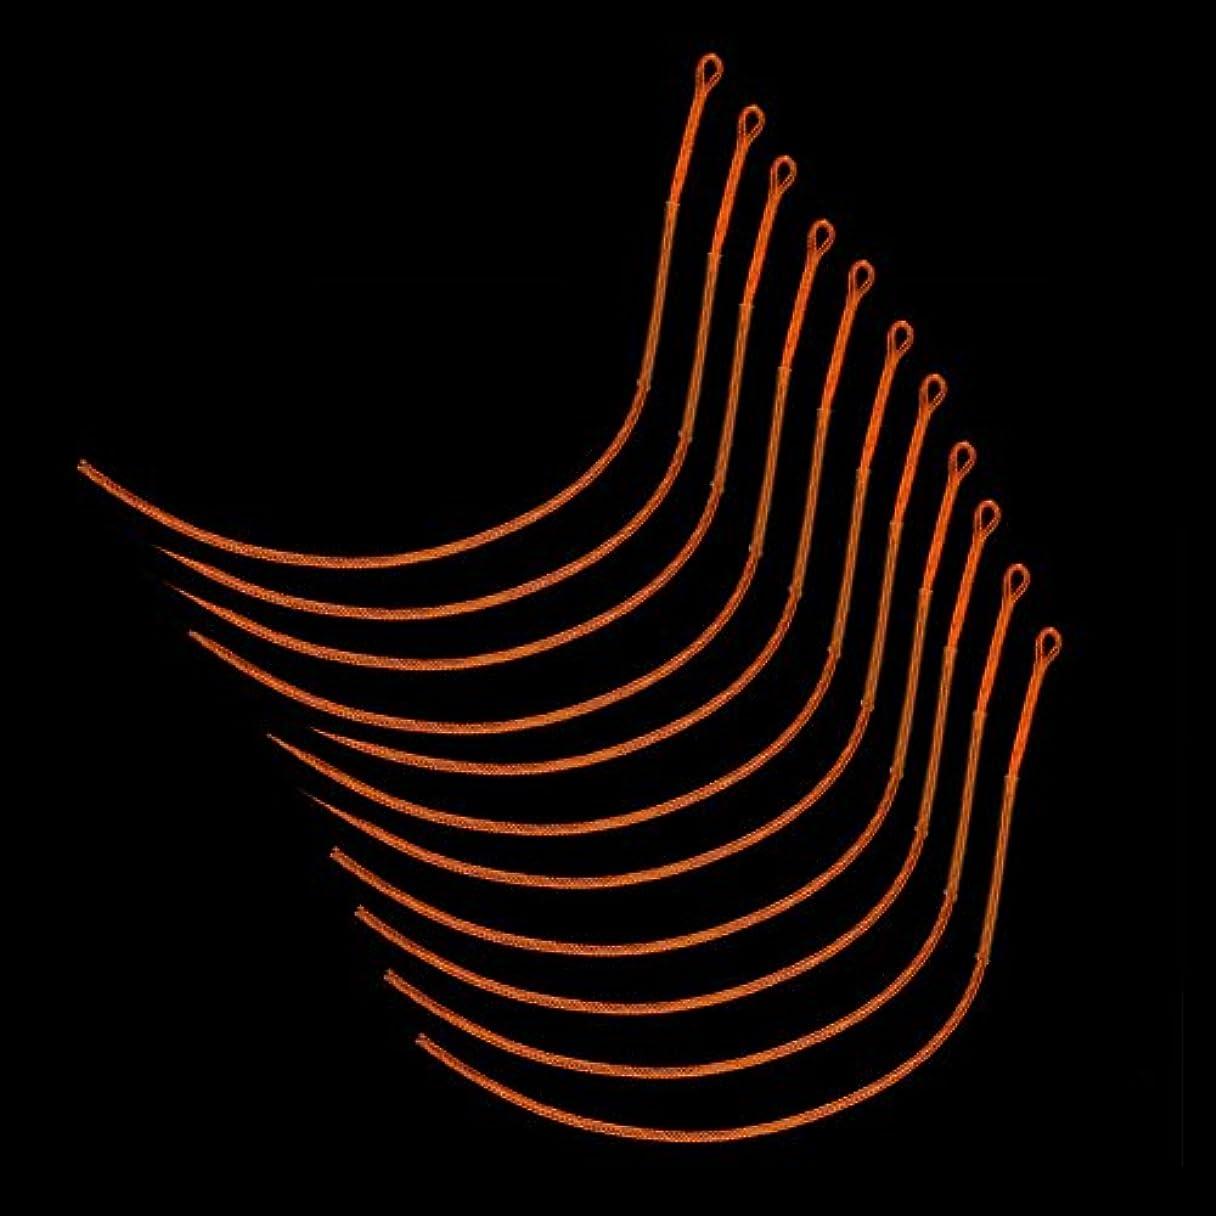 反毒体系的にレイLiebeye ライン フライフィッシング ループ ナイロン 編組 フライ ループ コネクタ 10本/ロット 30LB 50LB